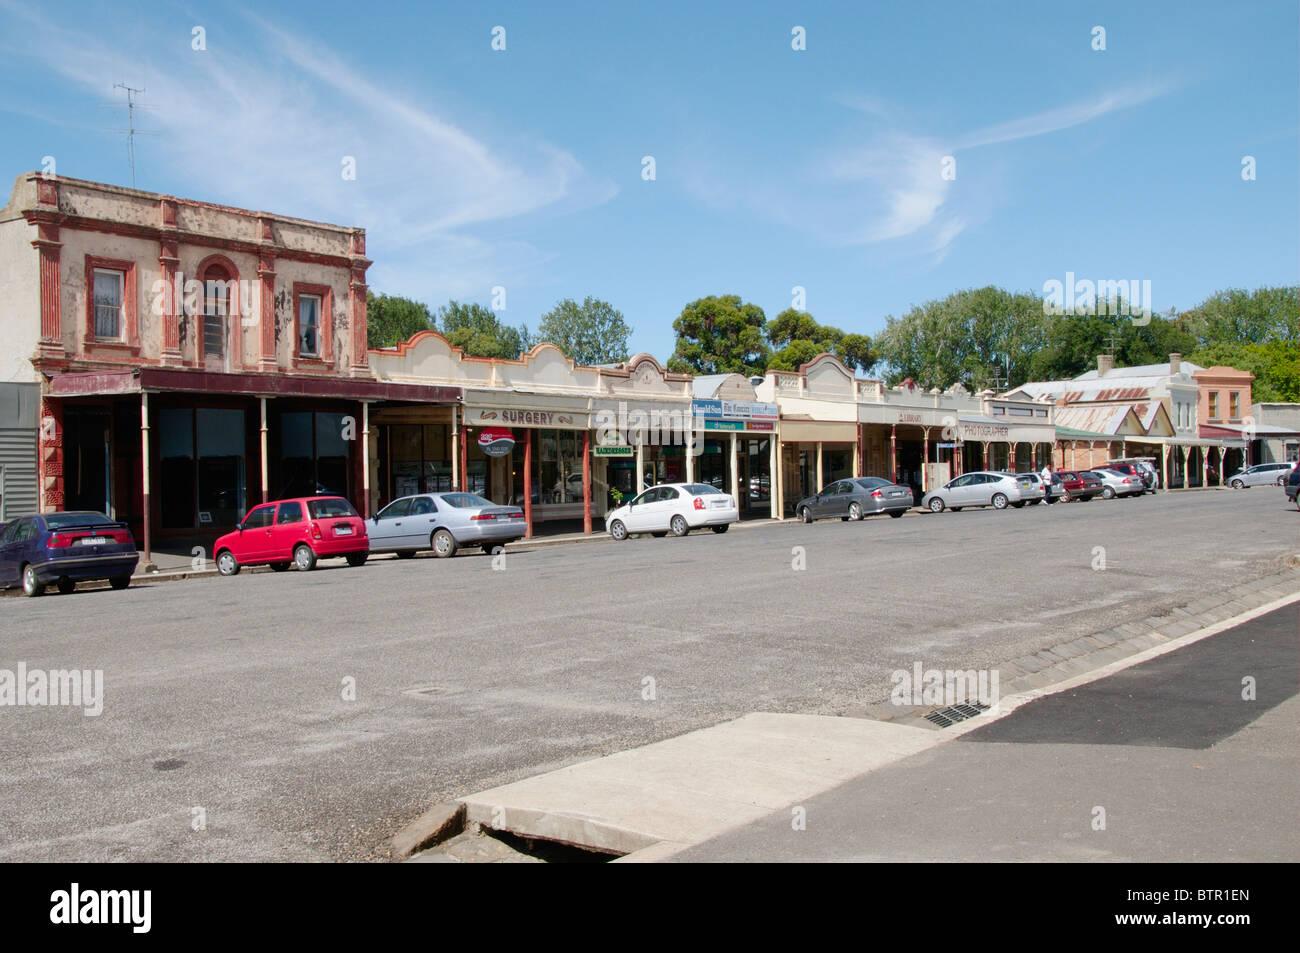 Australia, Central Victoria, Clunes, strada principale con le auto parcheggiate vicino all'edificio Immagini Stock